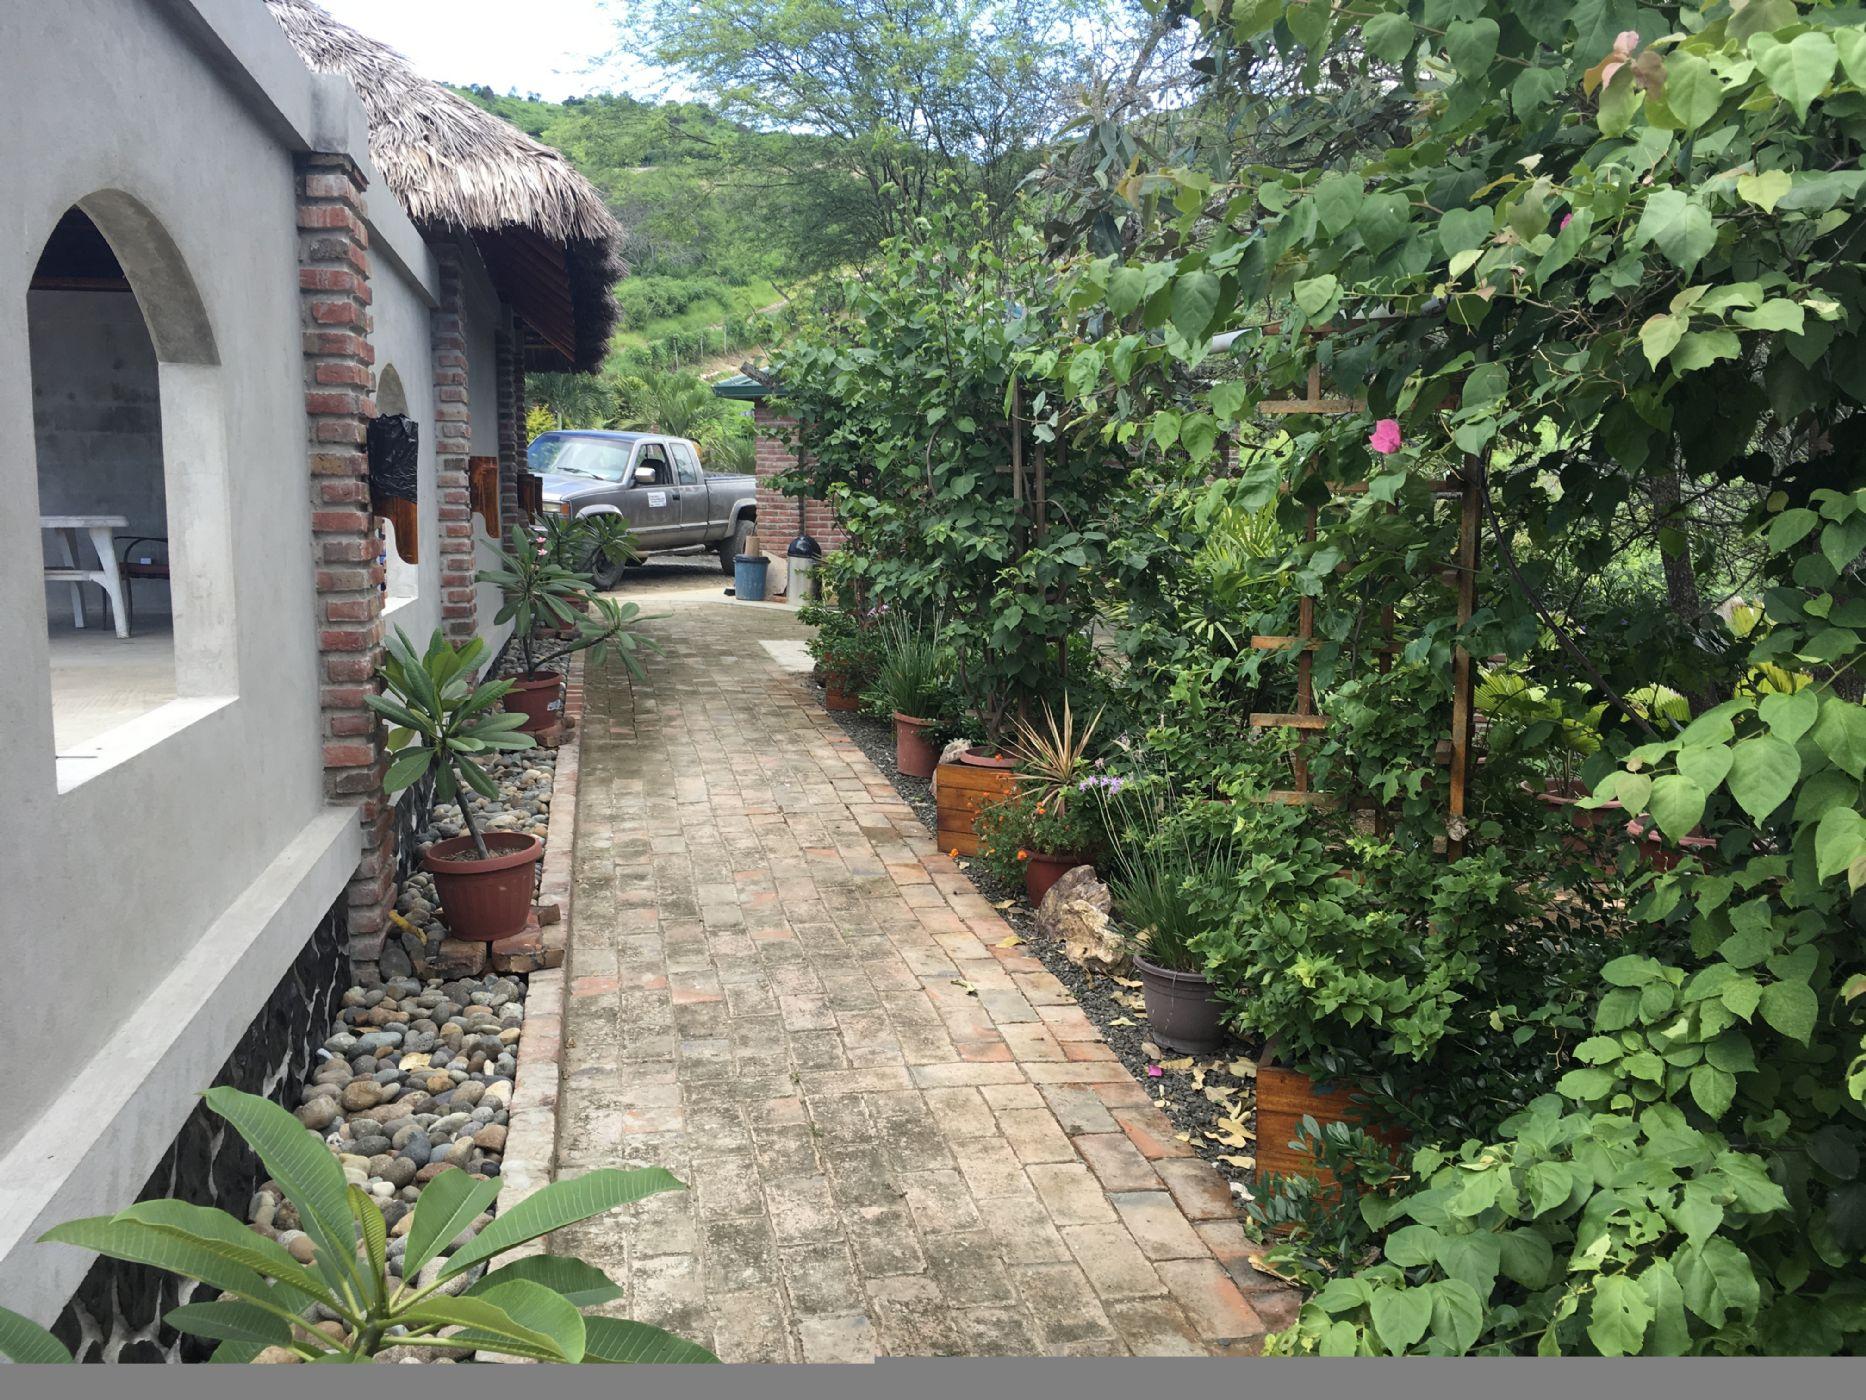 Puerto-Lopez-Ecuador-property-500544-2.JPG